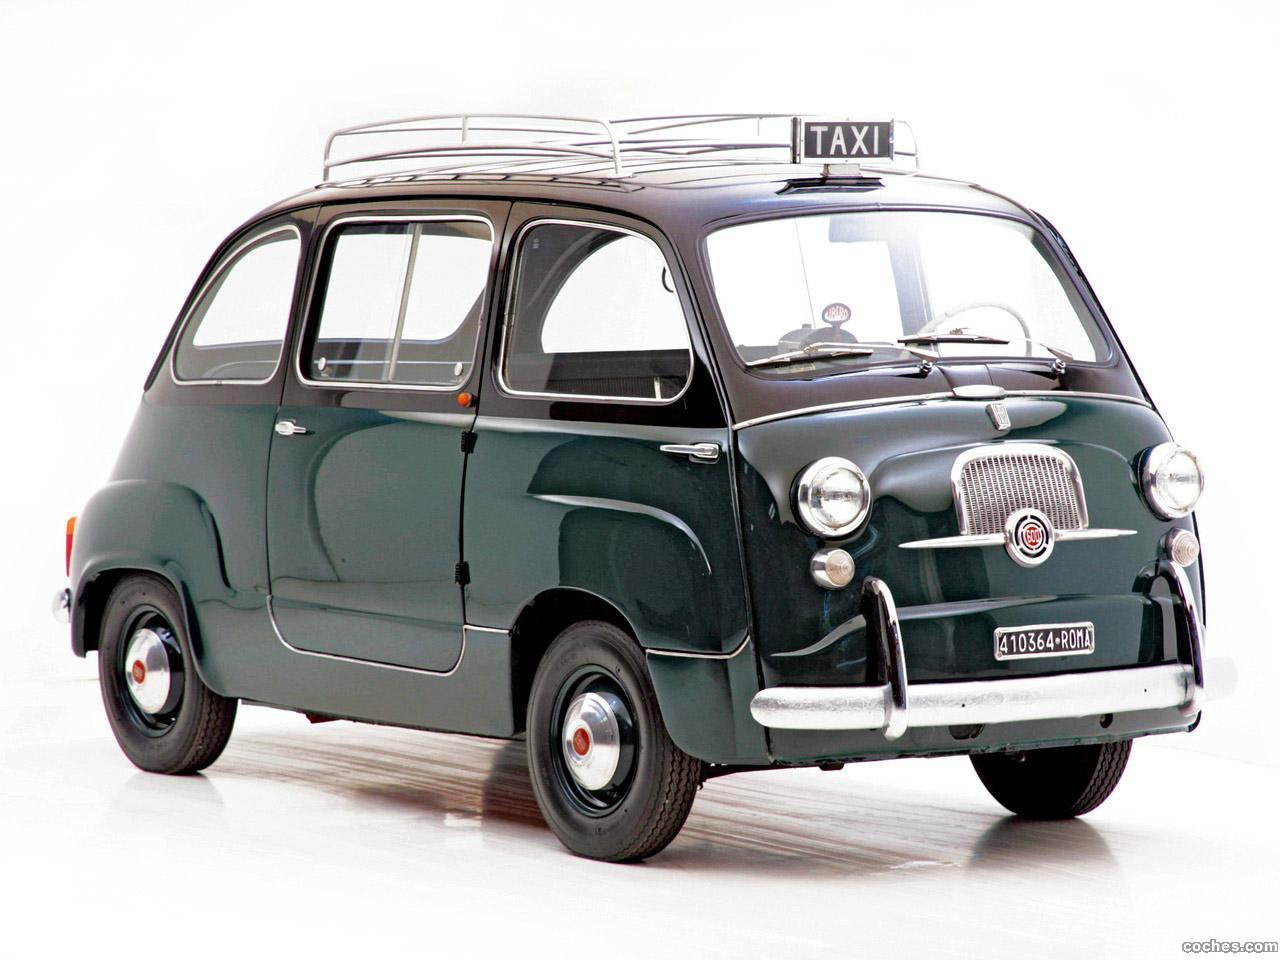 Foto 0 de Fiat 600 Multipla Taxi 1956